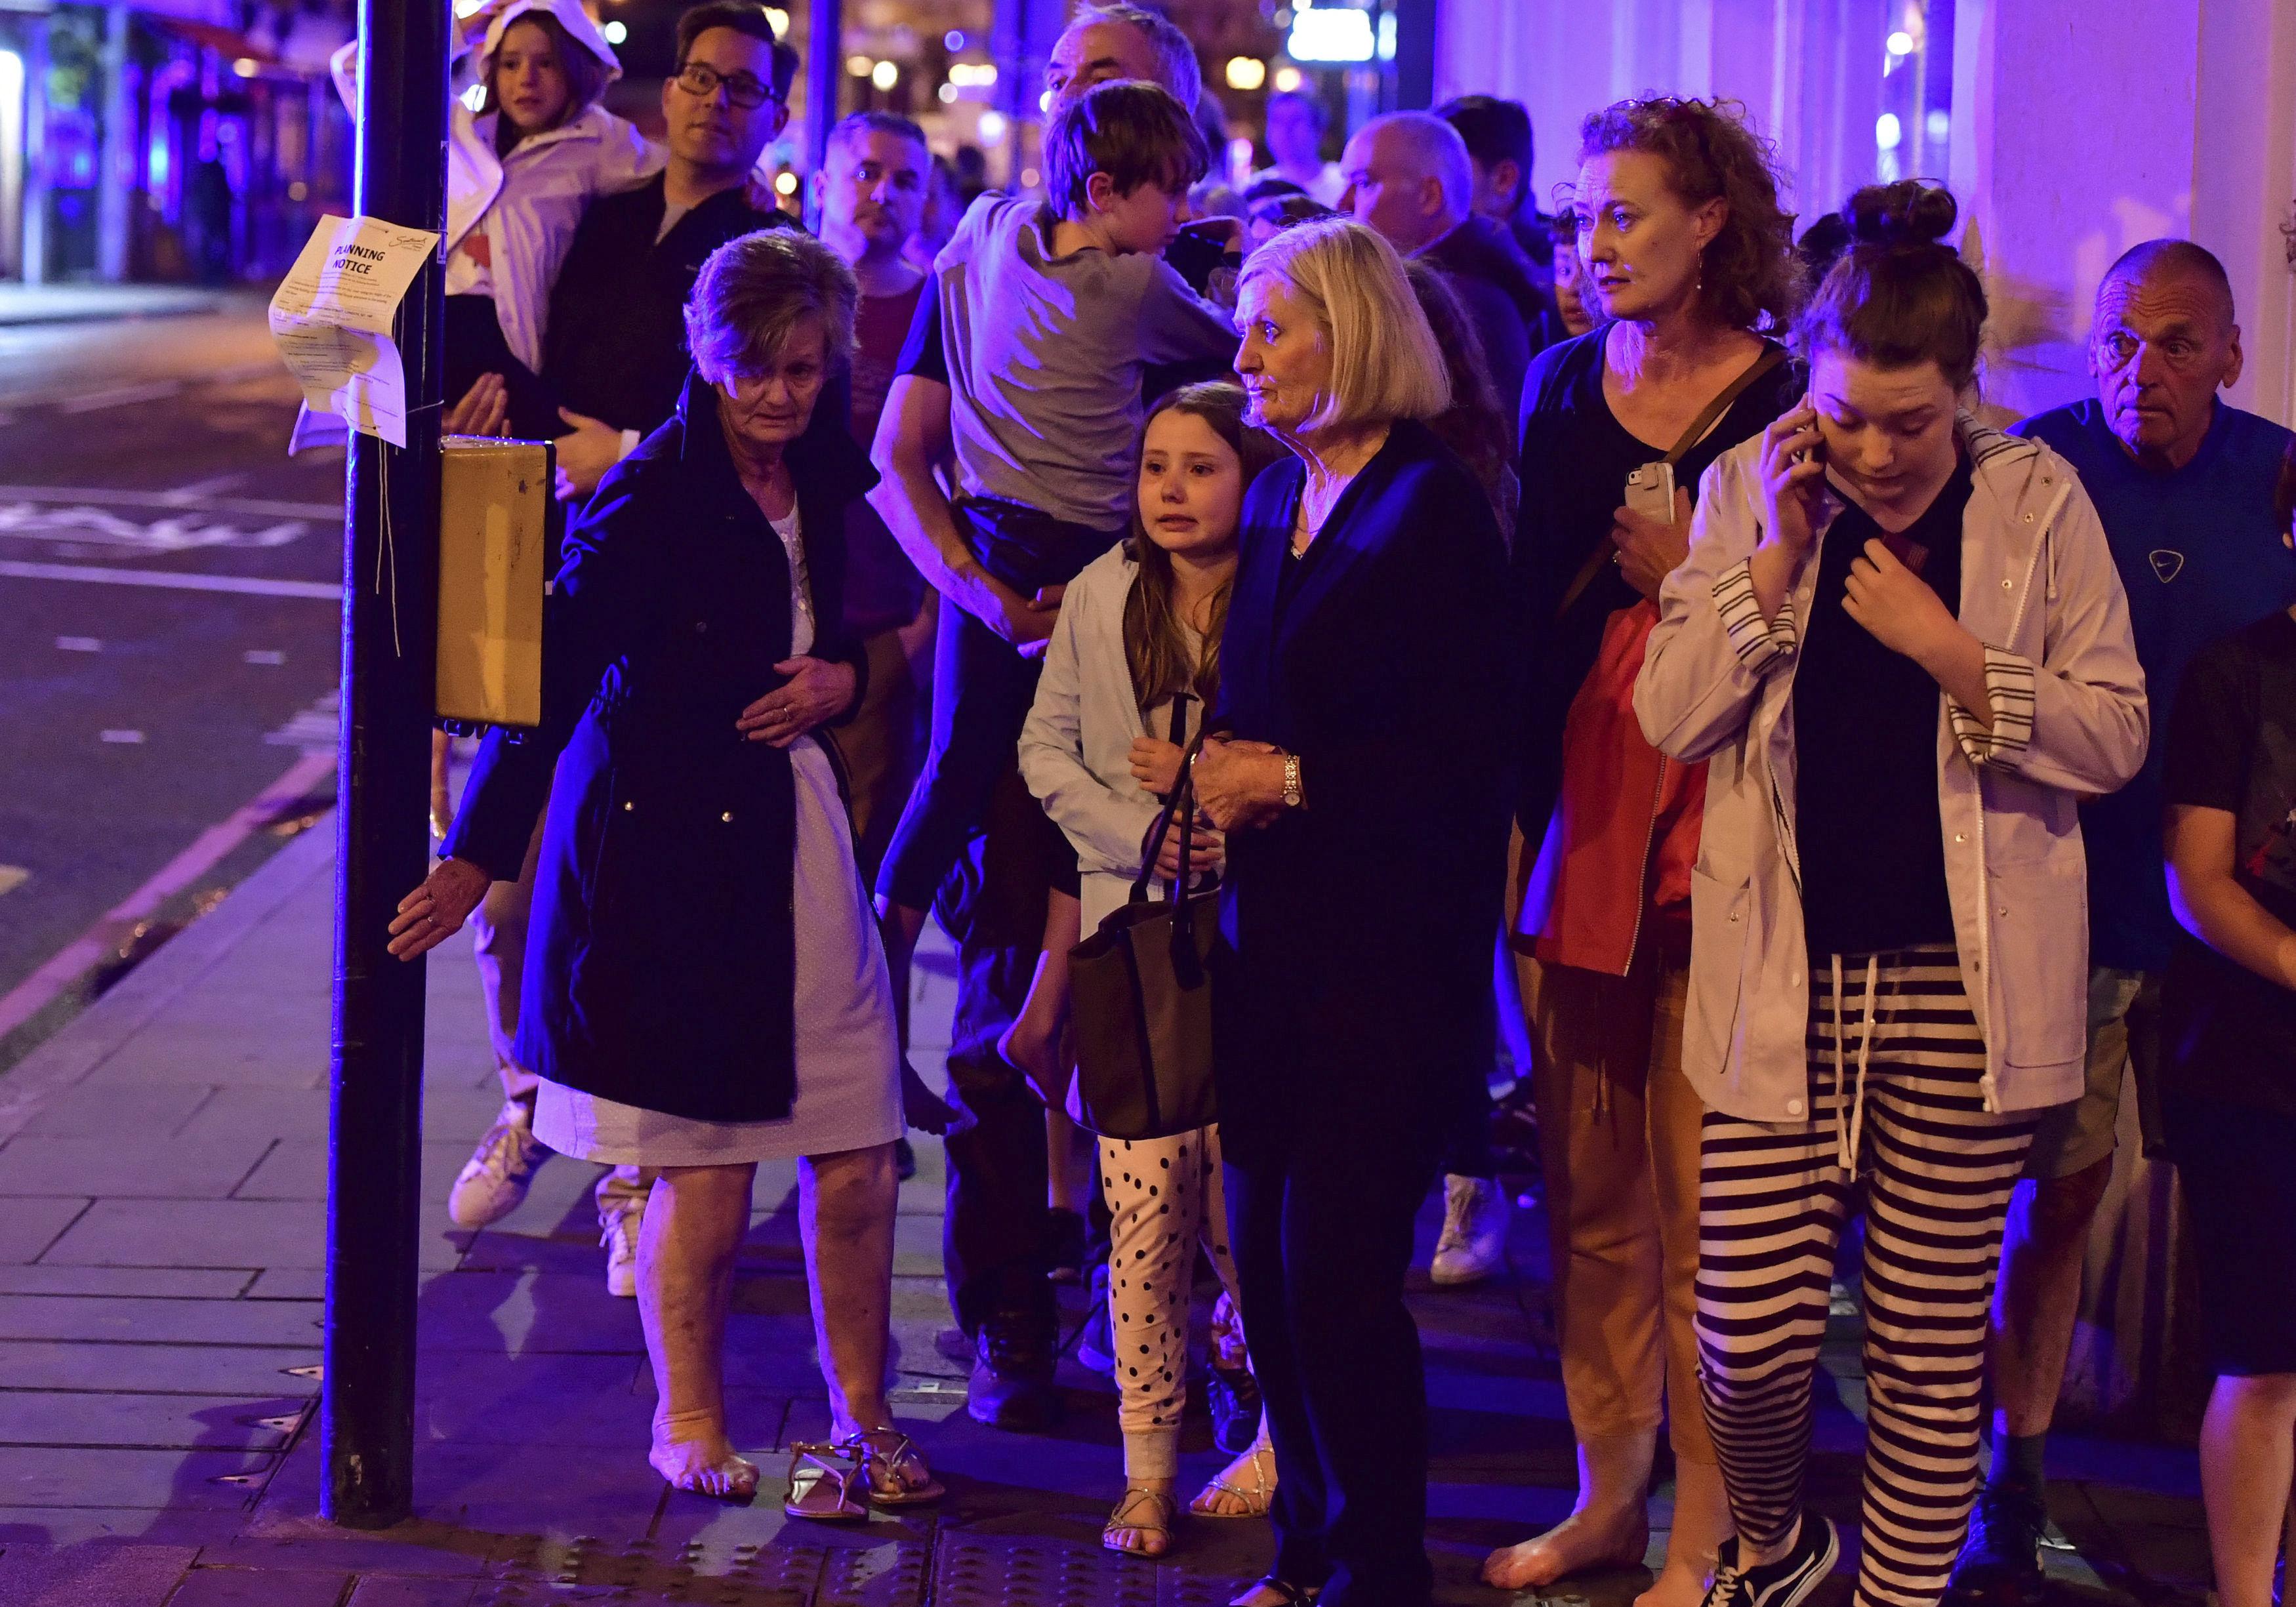 Peatones que transitaban por la calle Borough son evacuados tras los ataques de este sábado en Londres. FOTO: Dominic Lipinski/PA via AP